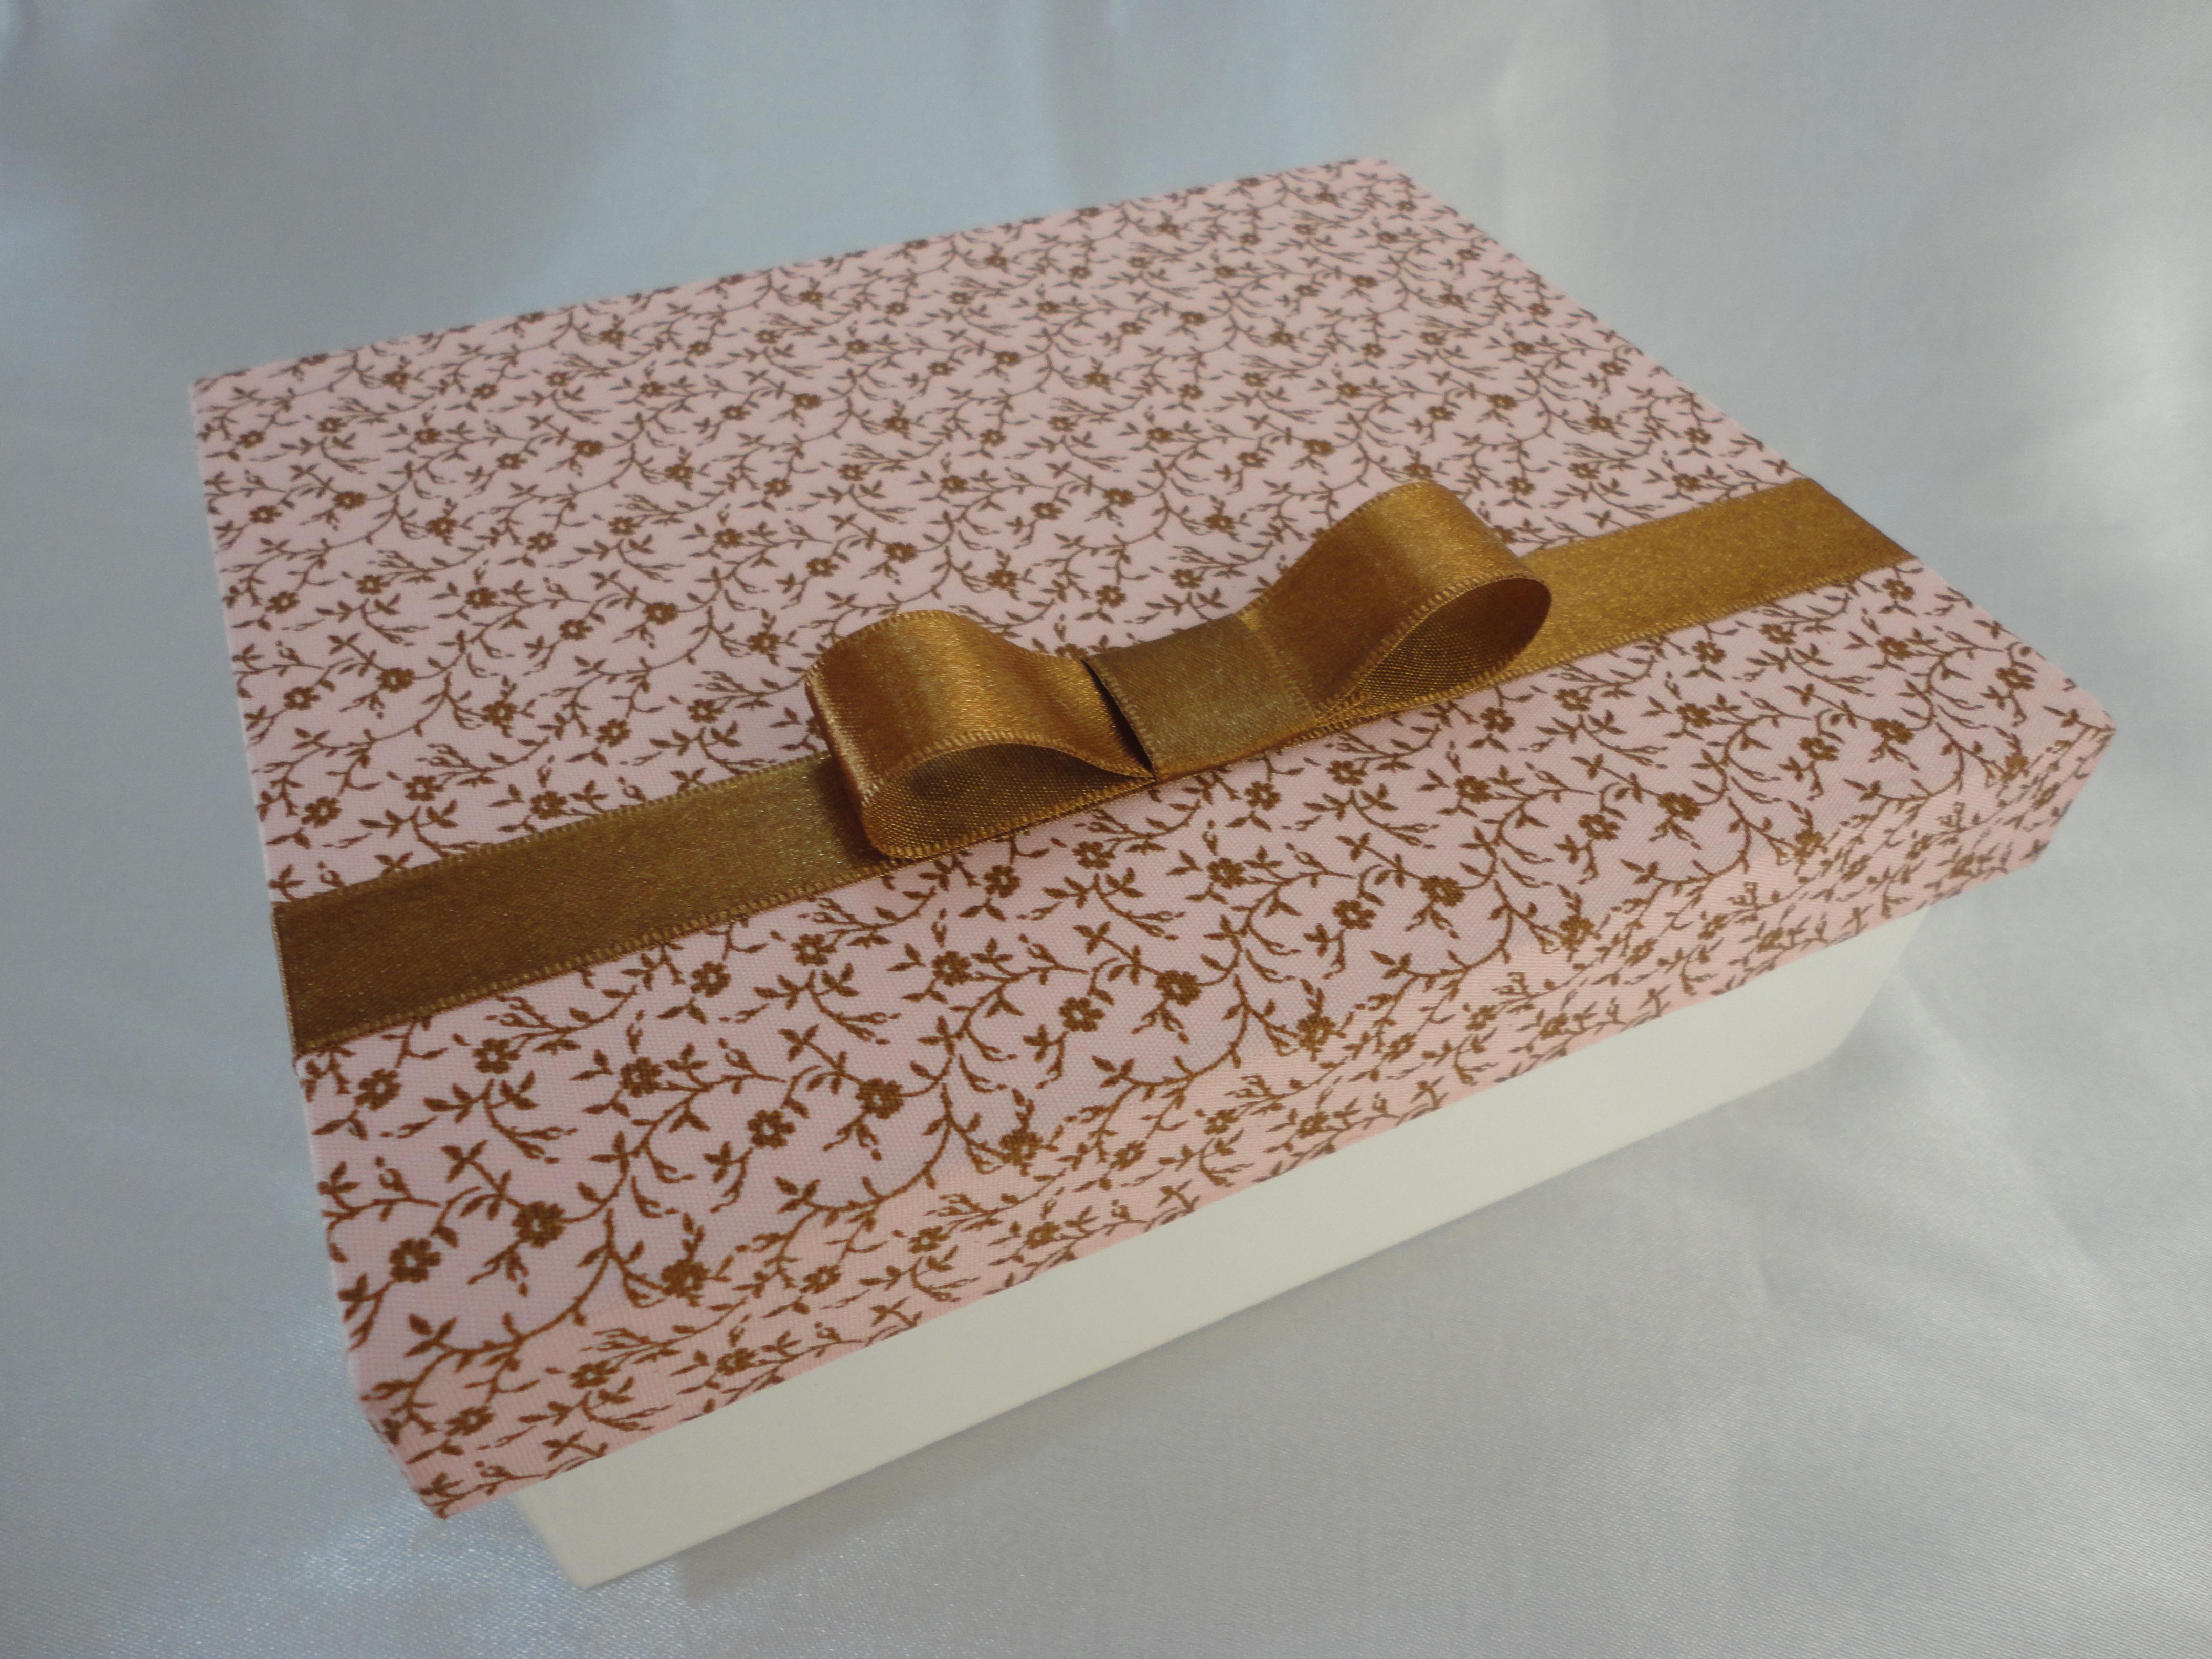 caixas decoradas para doces finos padrinhos caixas decoradas para  #4B2B14 4320x3240